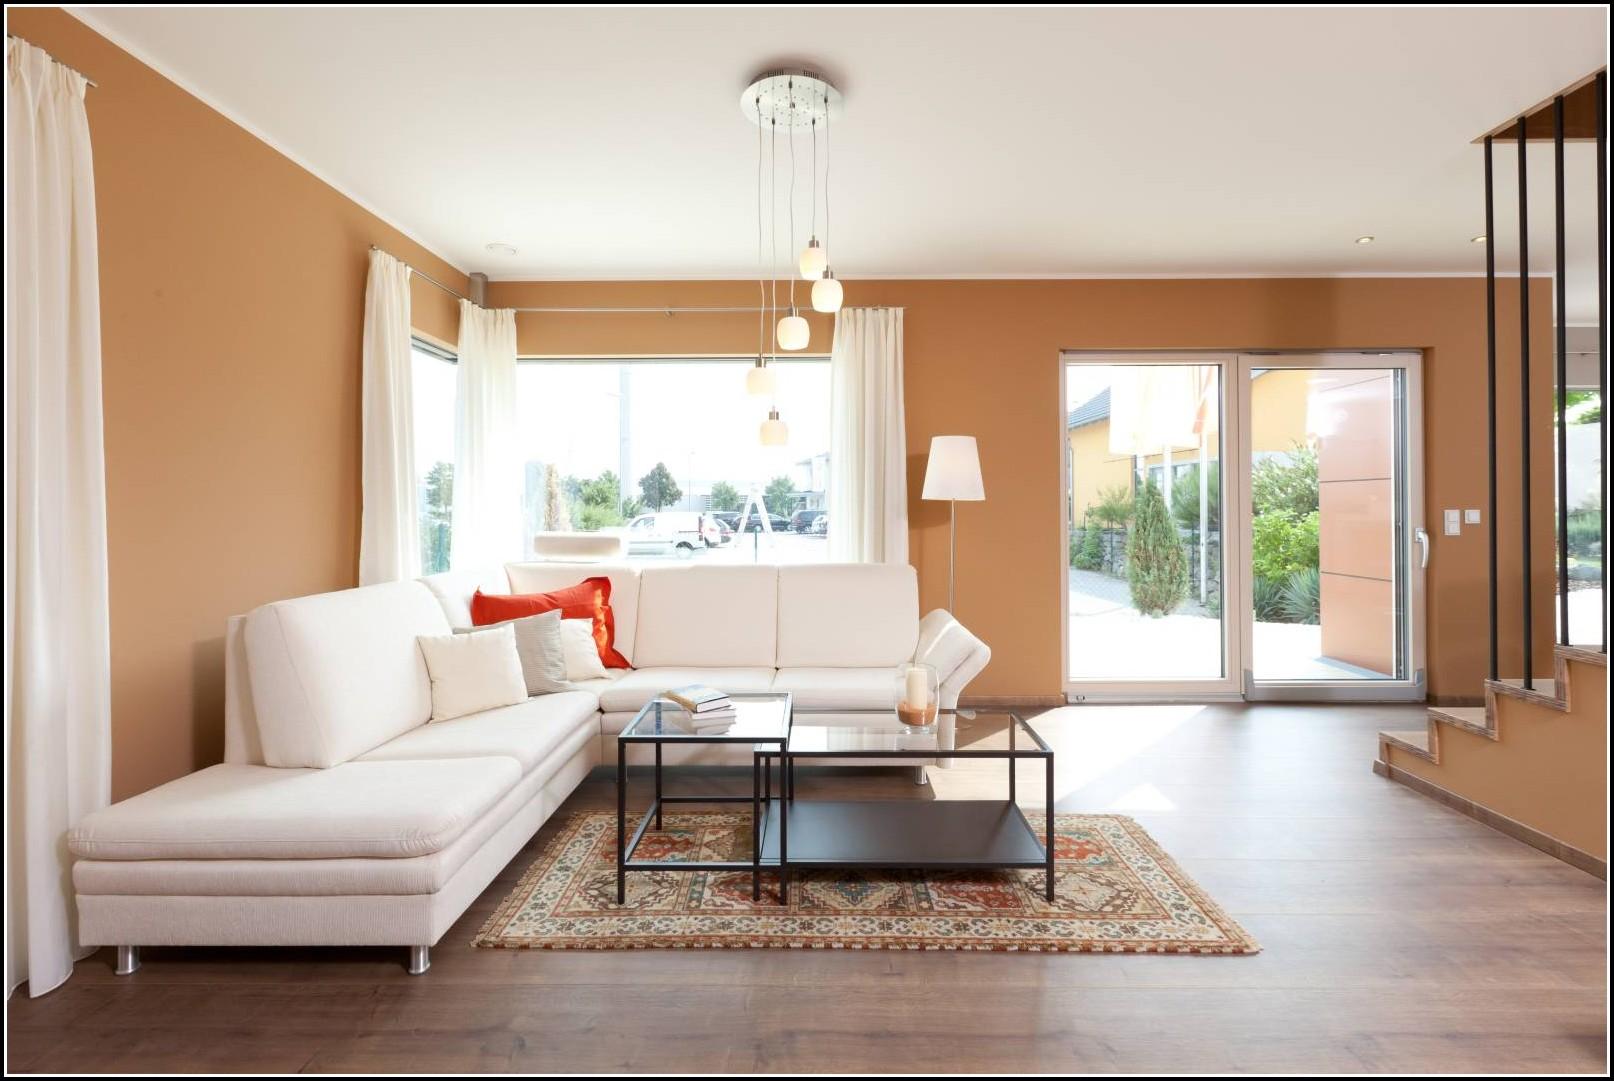 Bilder f r wohnzimmer schweiz wohnzimmer house und dekor galerie qrzkkzqrmz for Farben fur wohnzimmer tipps